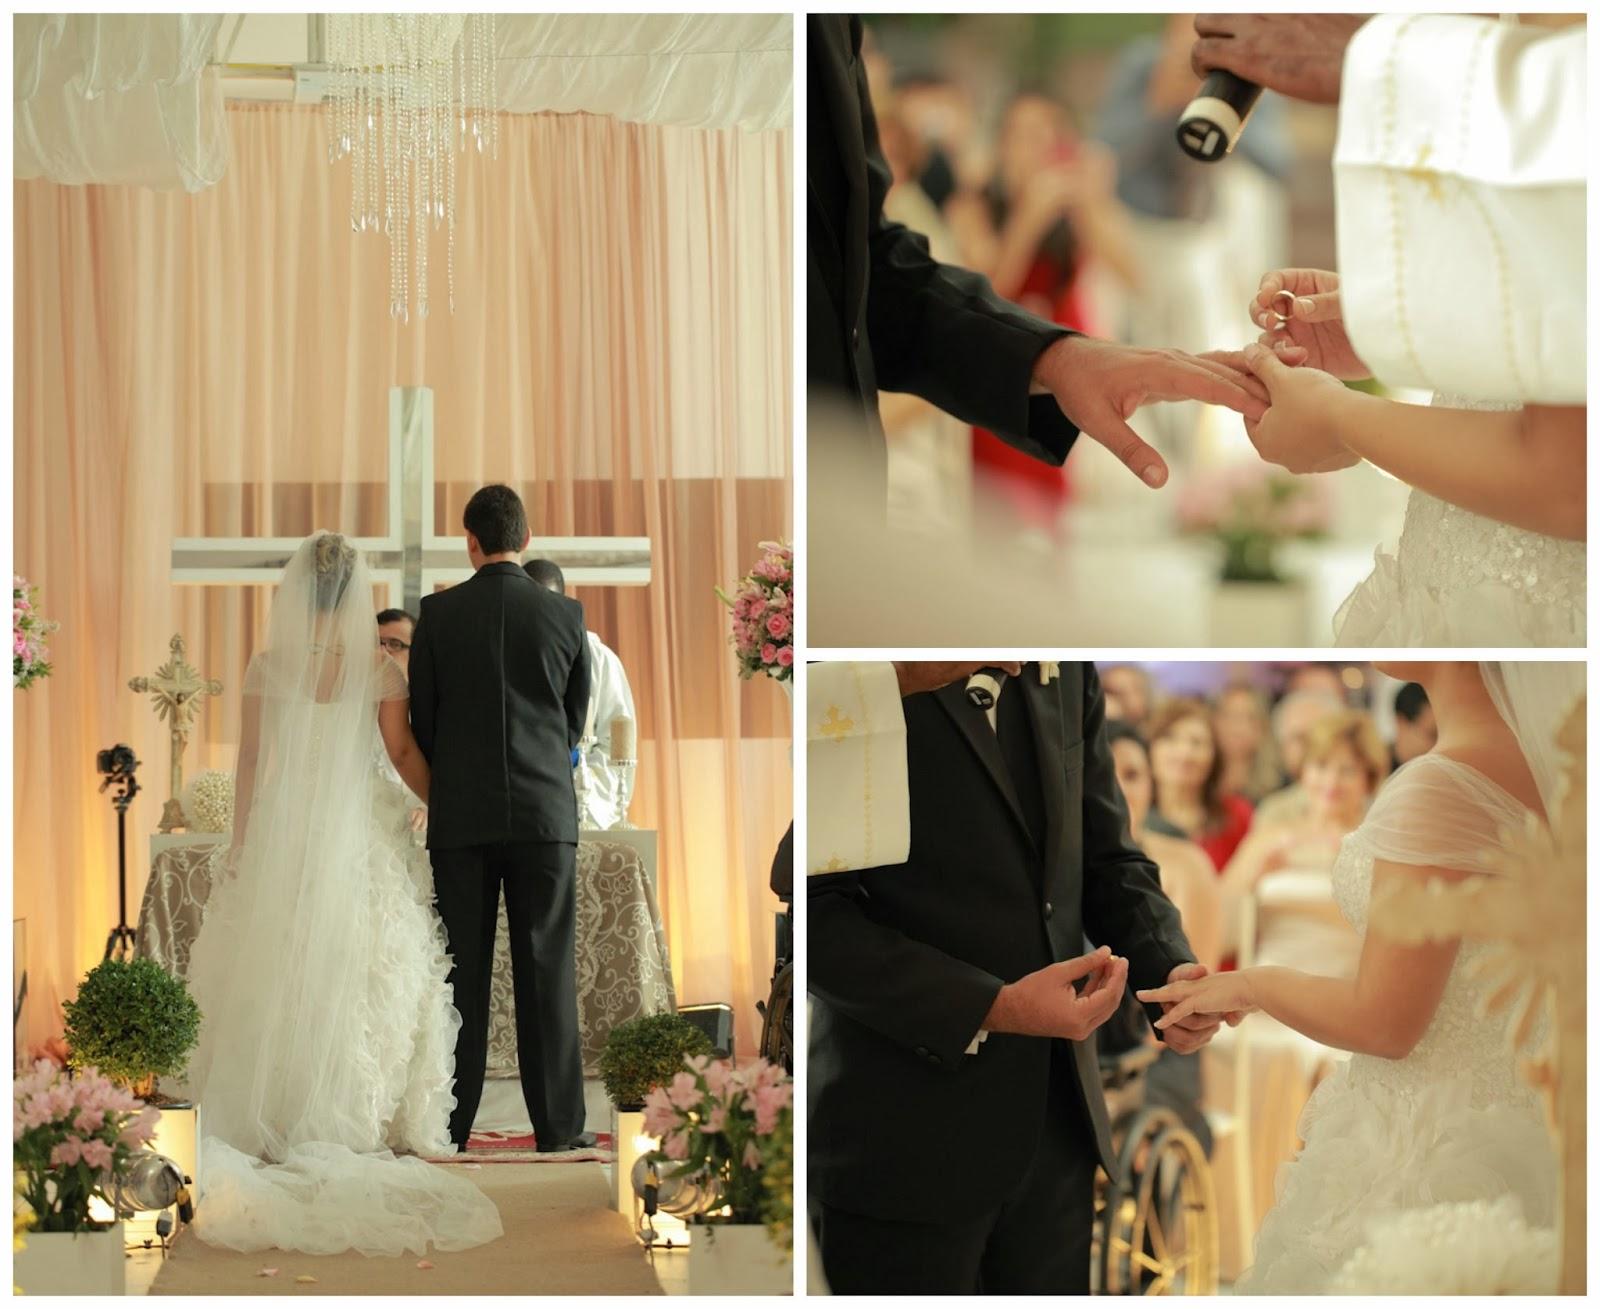 cerimonia-noivos-altar-troca-aliancas